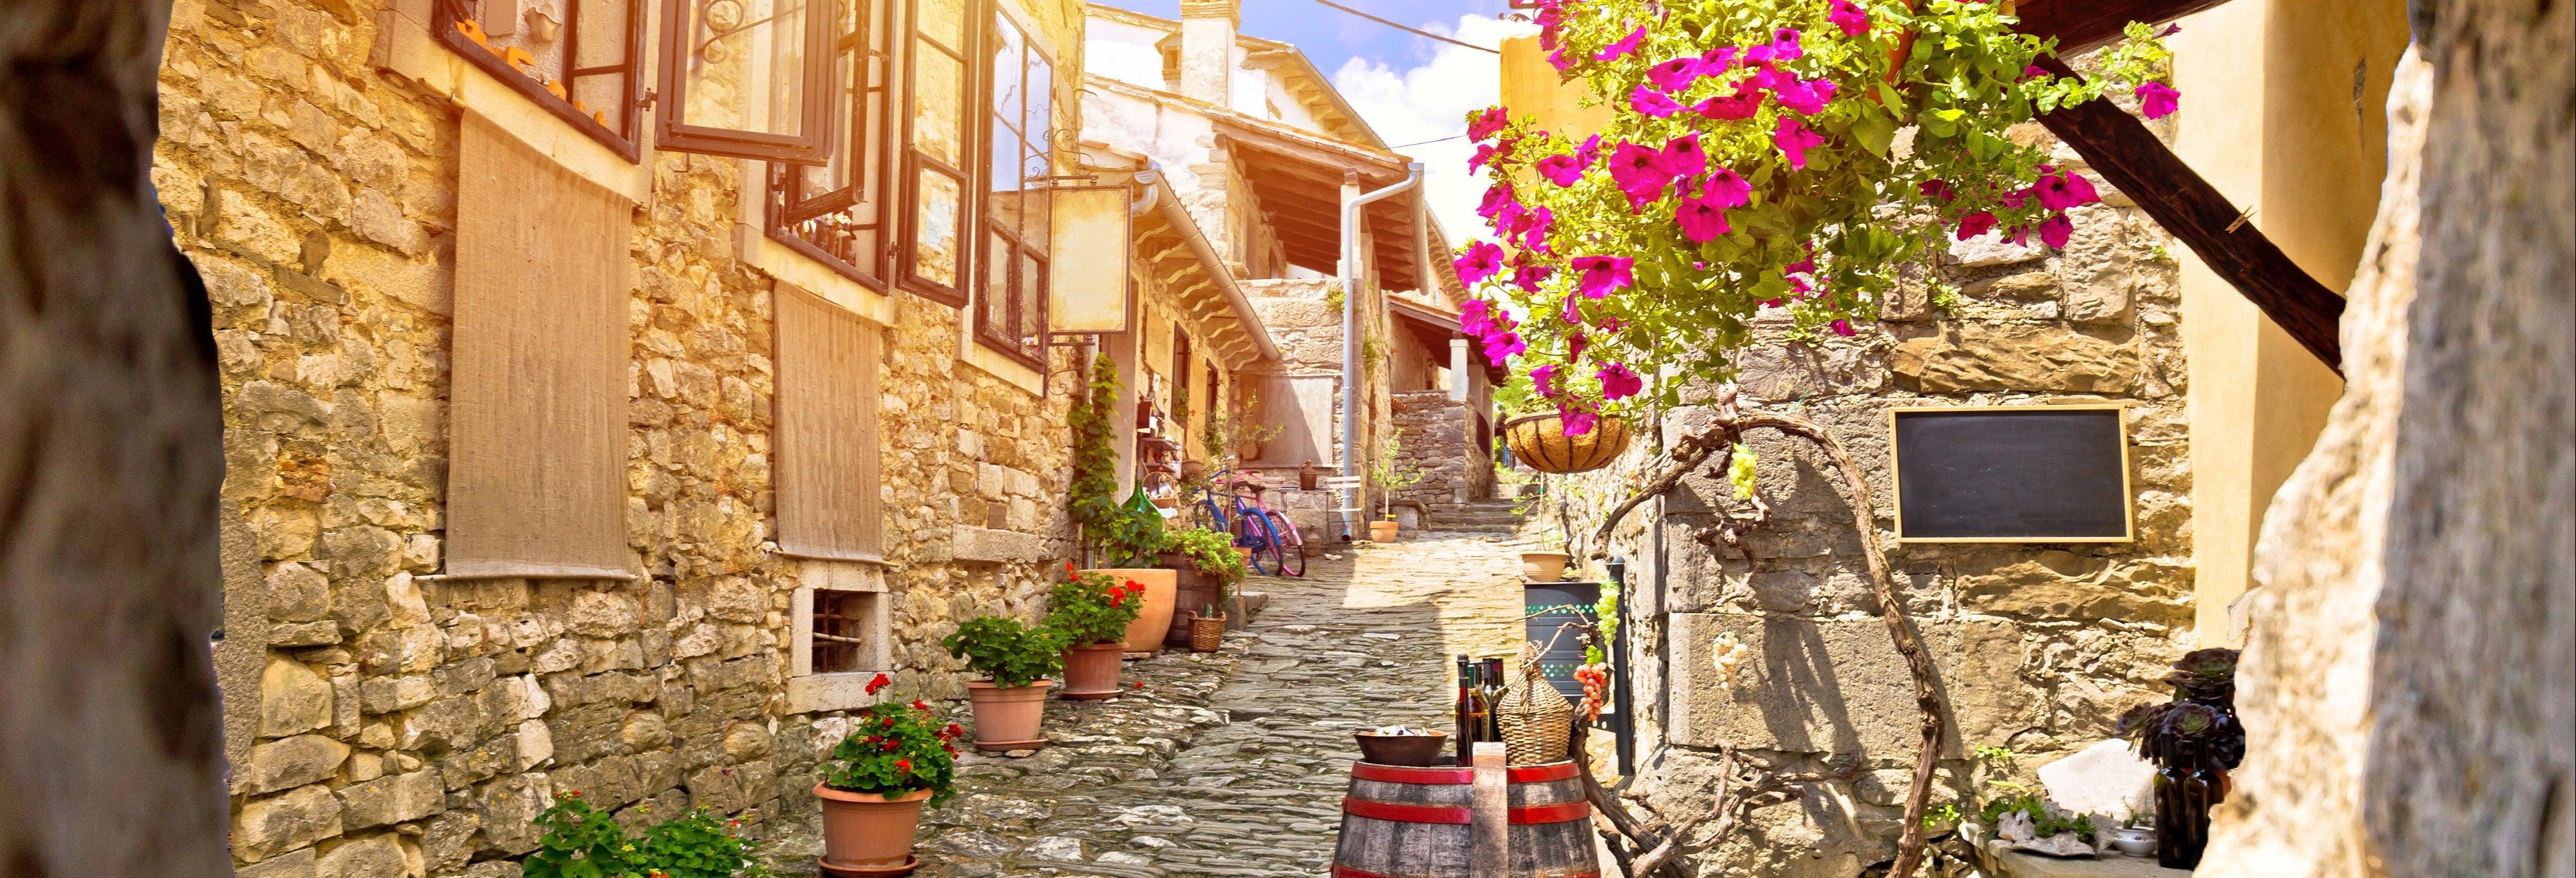 Istria Food Tour